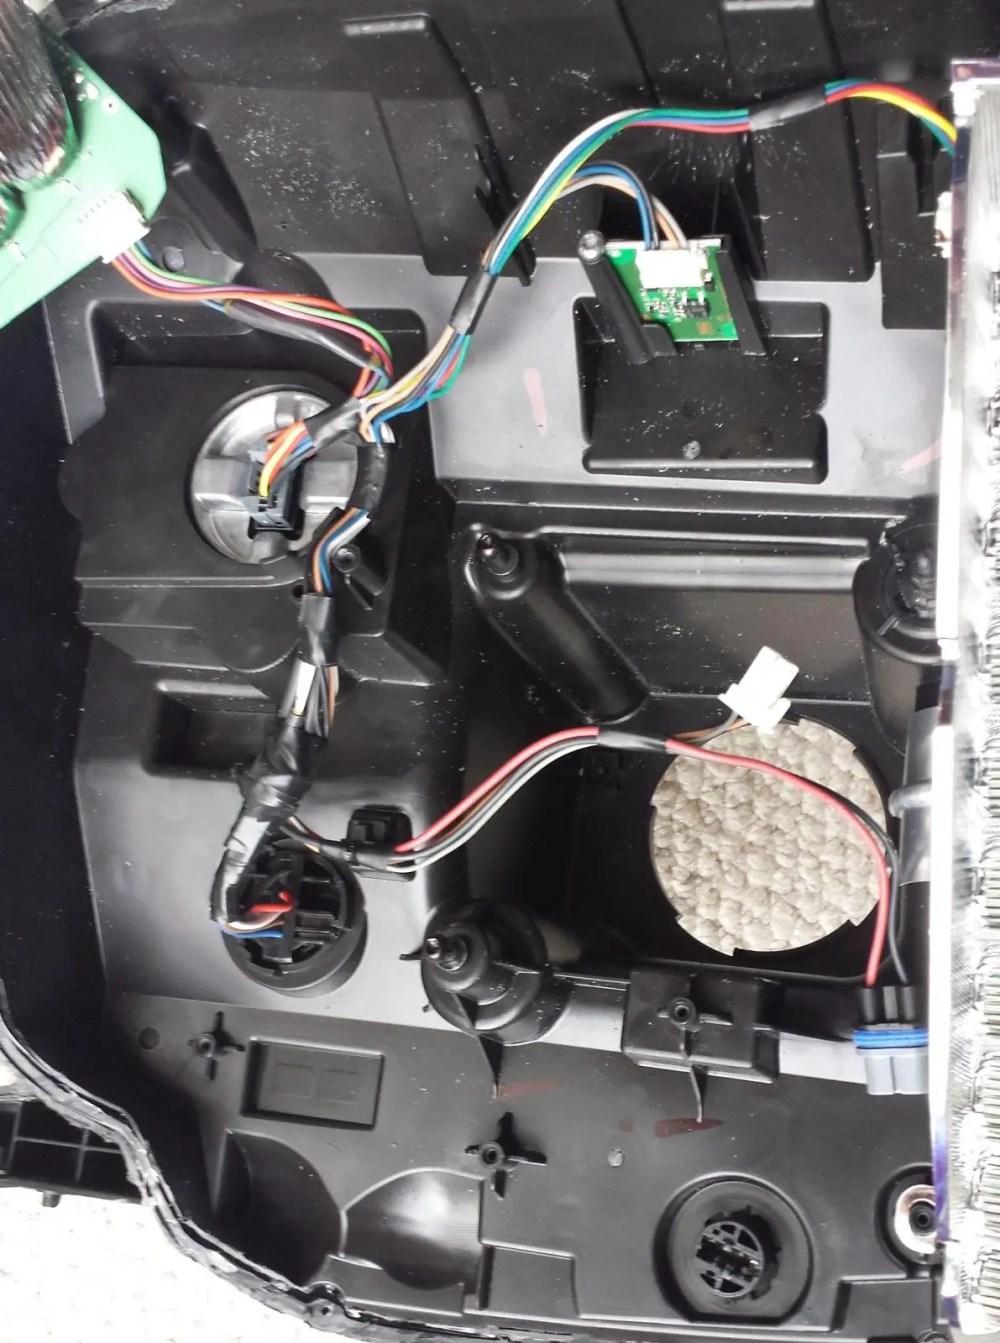 medium resolution of gmc sierra headlight wiring harness wiring diagram table 2000 gmc sierra headlight wiring diagram gmc sierra headlight wiring